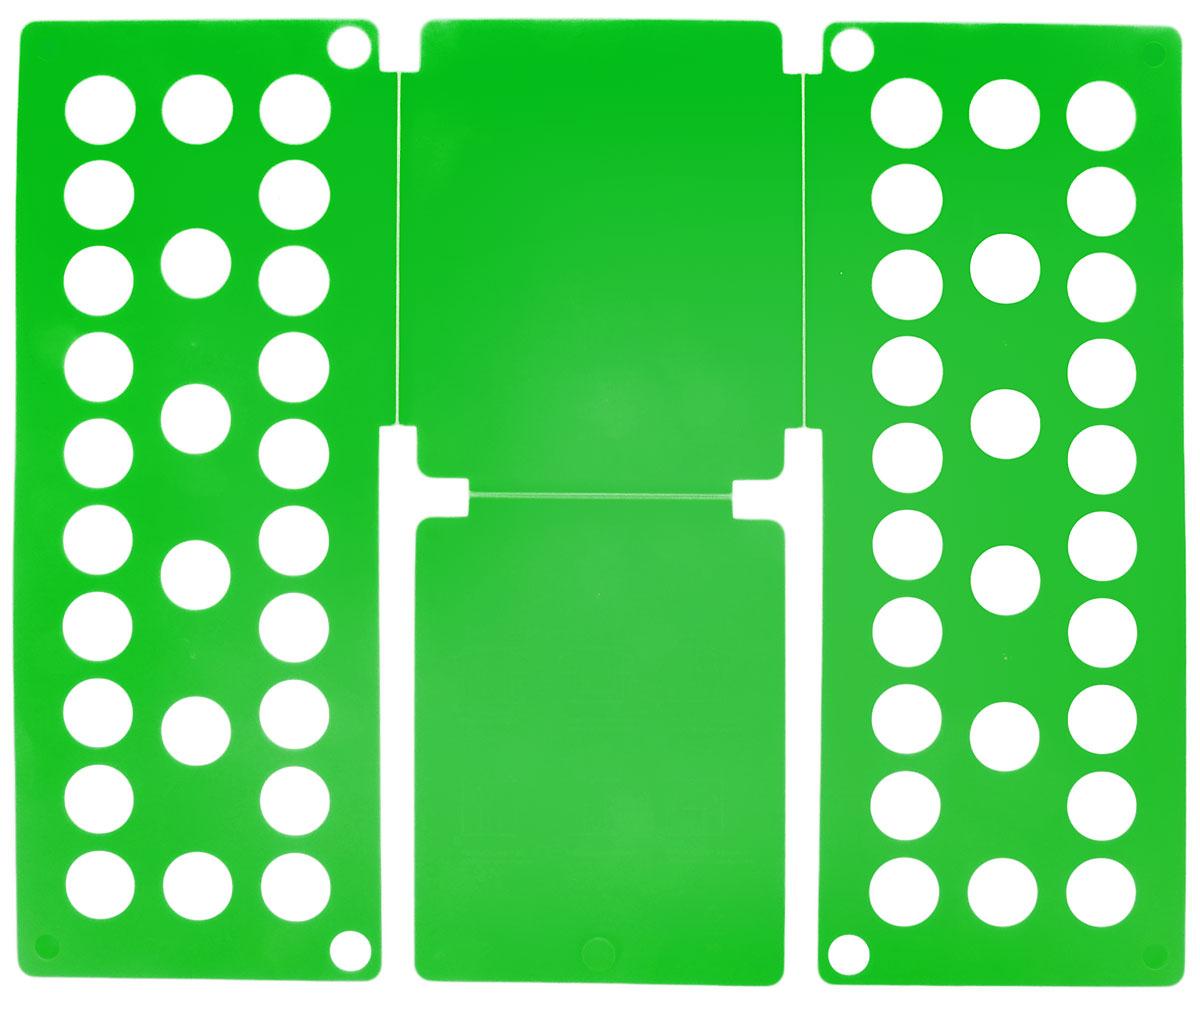 Приспособление для складывания детской одежды Sima-land, цвет: зеленый1411846_зеленыйПриспособление для складывания одежды Sima-land поможет навести порядок в вашем шкафу. С ним вы сможете быстро и аккуратно сложить вещи. Приспособление подходит для складывания полотенец, рубашек поло, вещей с короткими и длинными рукавами, футболок, штанов. Не подойдет для больших размеров одежды. Приспособление выполнено из качественного прочного пластика. Изделие компактно складывается и не занимает много места при хранении. Размер в сложенном виде: 40 х 16 см. Размер в разложенном виде: 48 х 40 см.